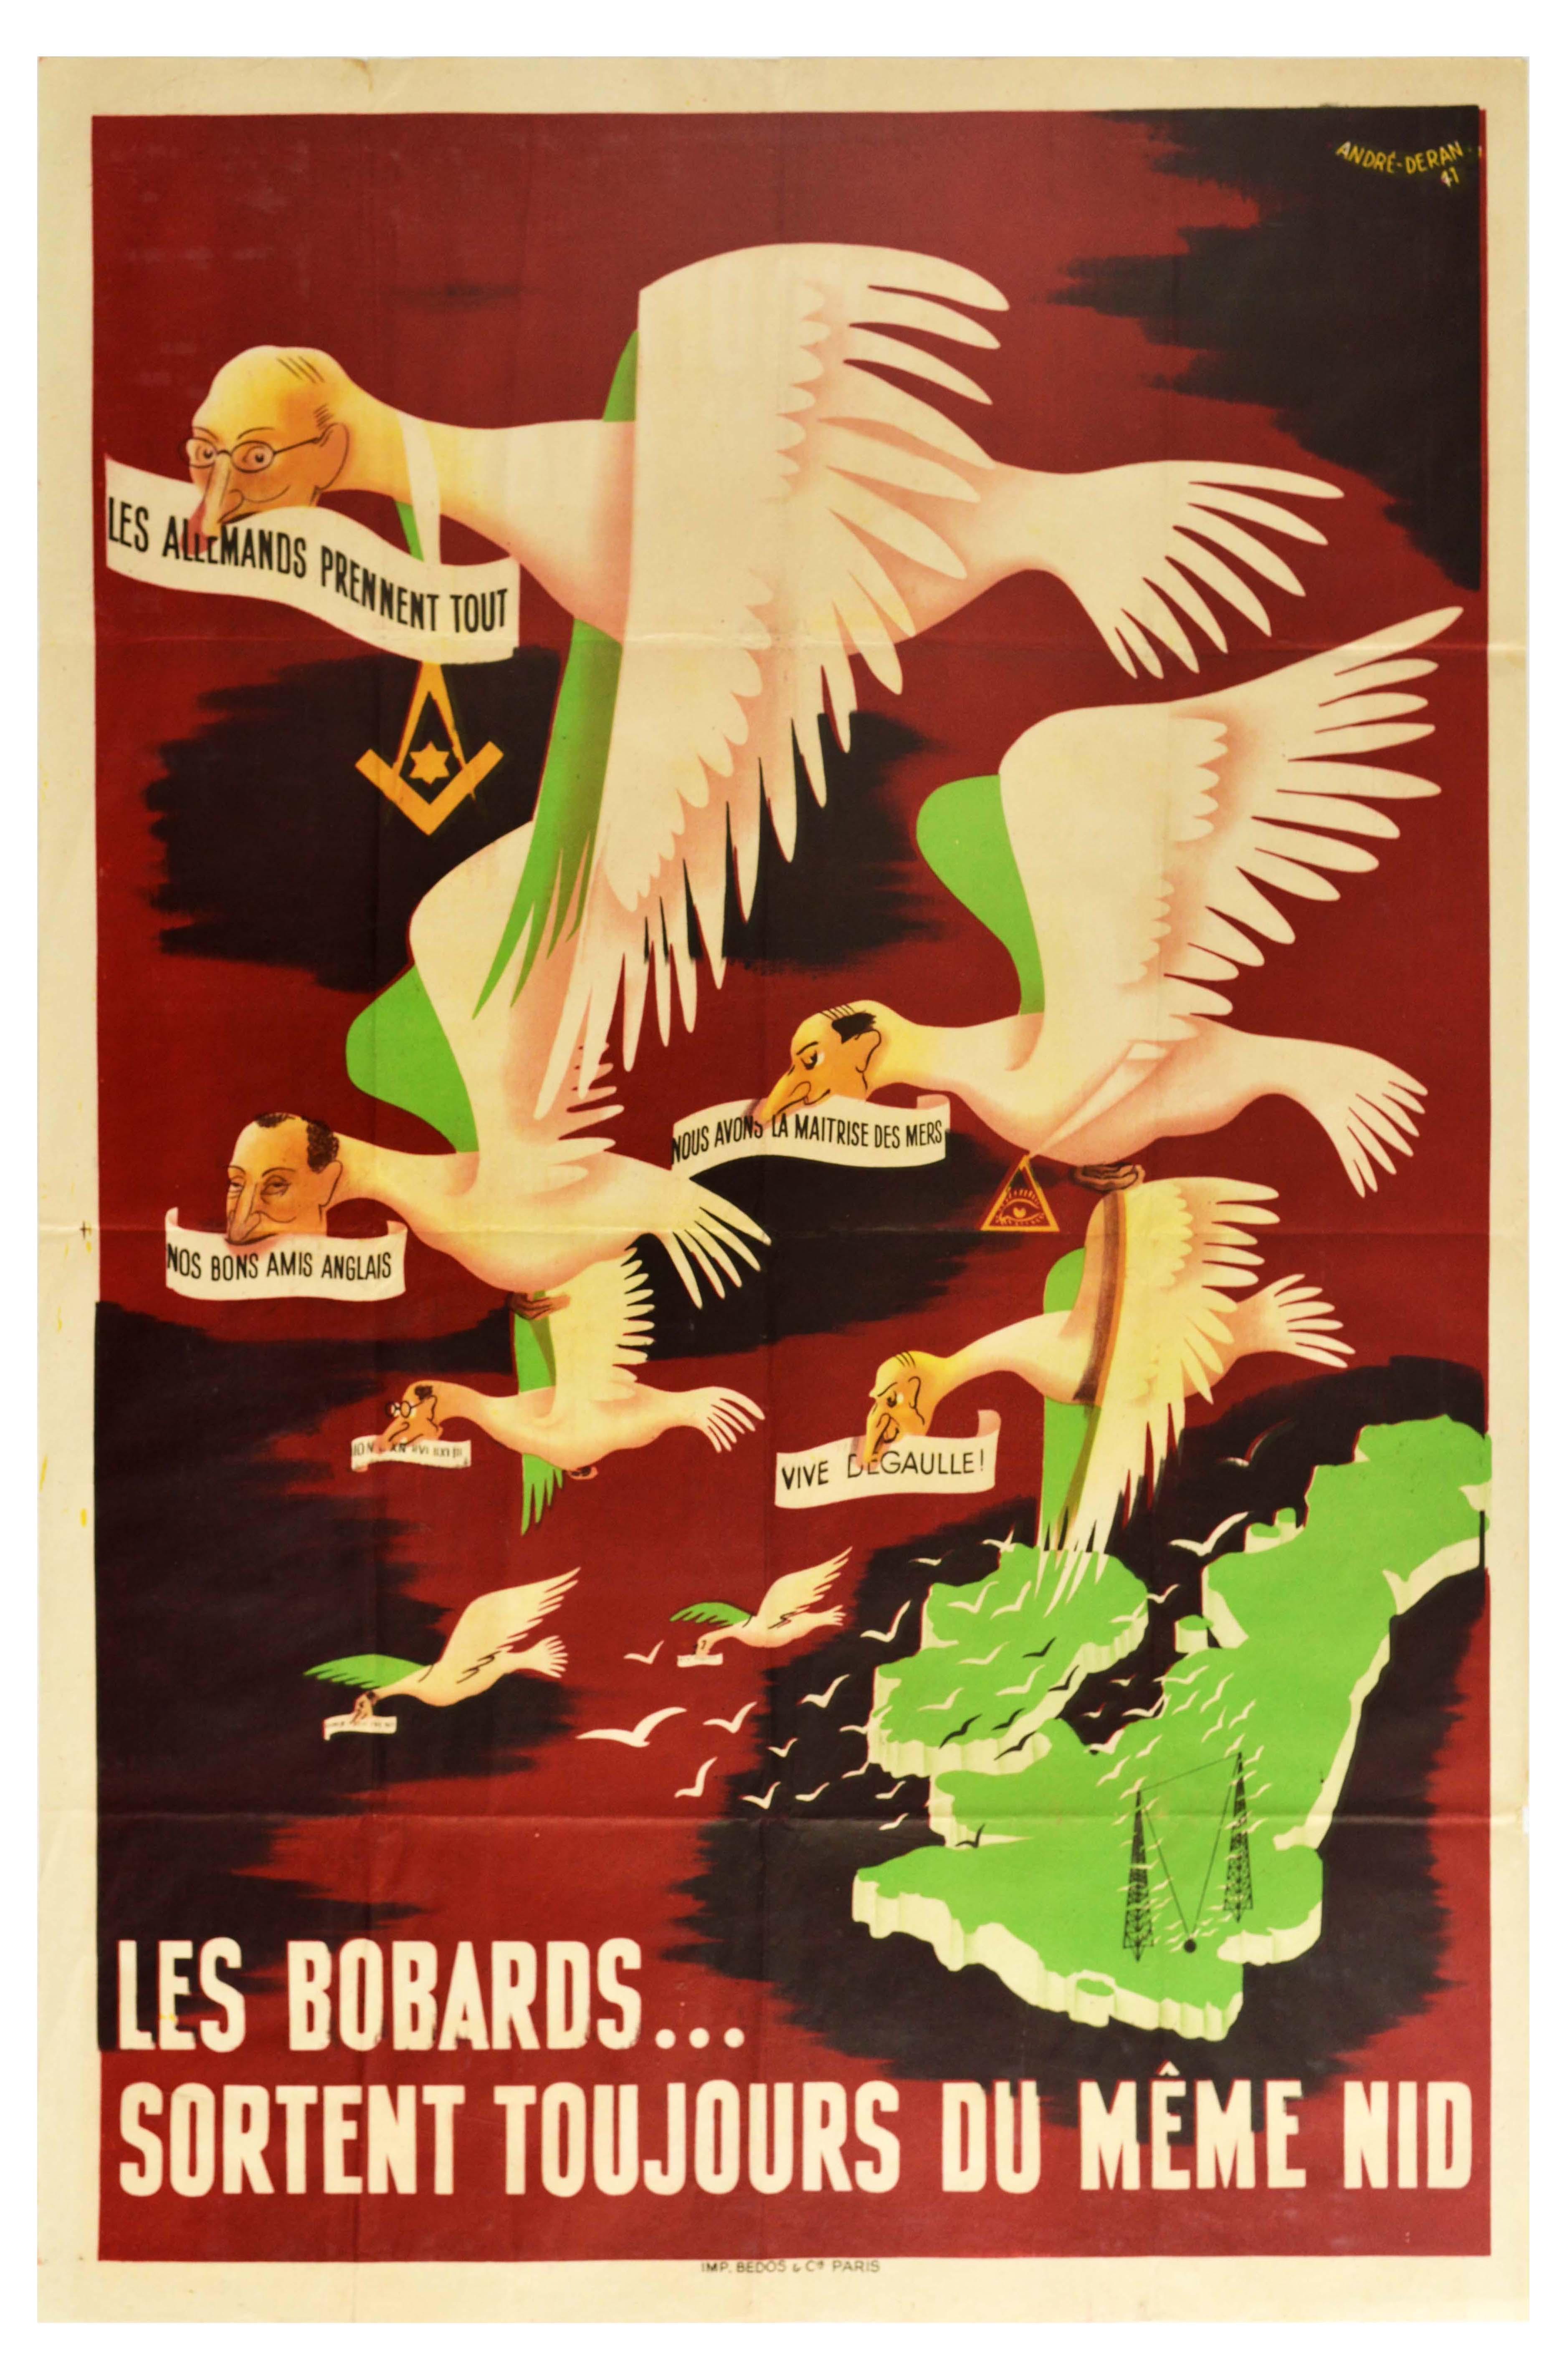 War Poster WWII British Radio De Gaulle Blum Daladier Vichy